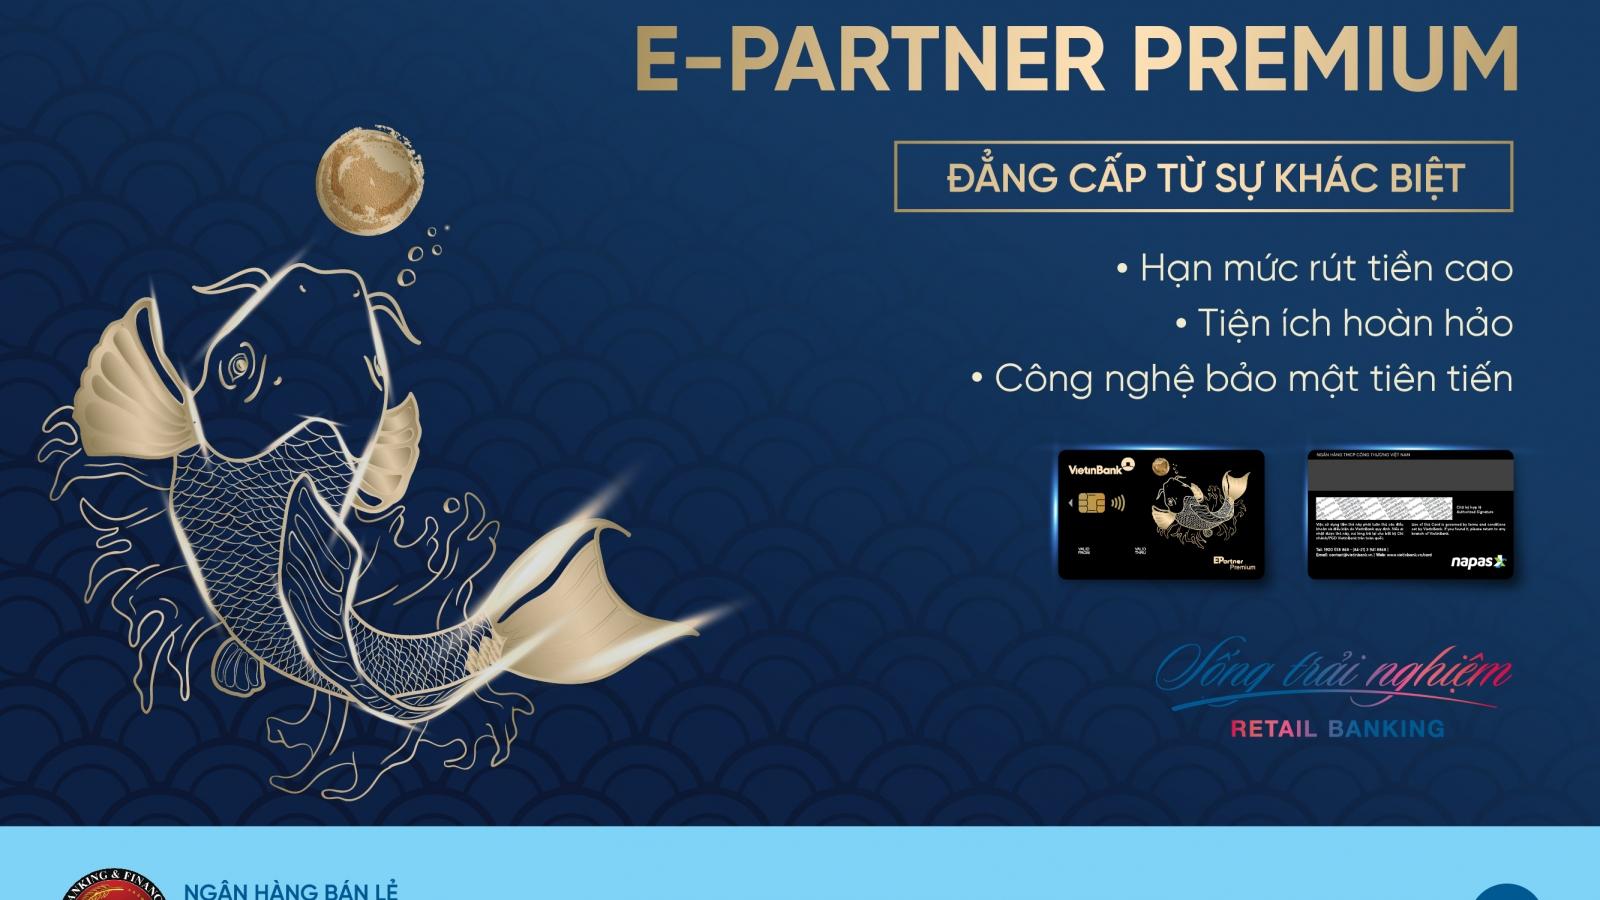 VietinBank phát hành thẻ Ghi nợ Nội địa Chip Contactless E-Partner Premium